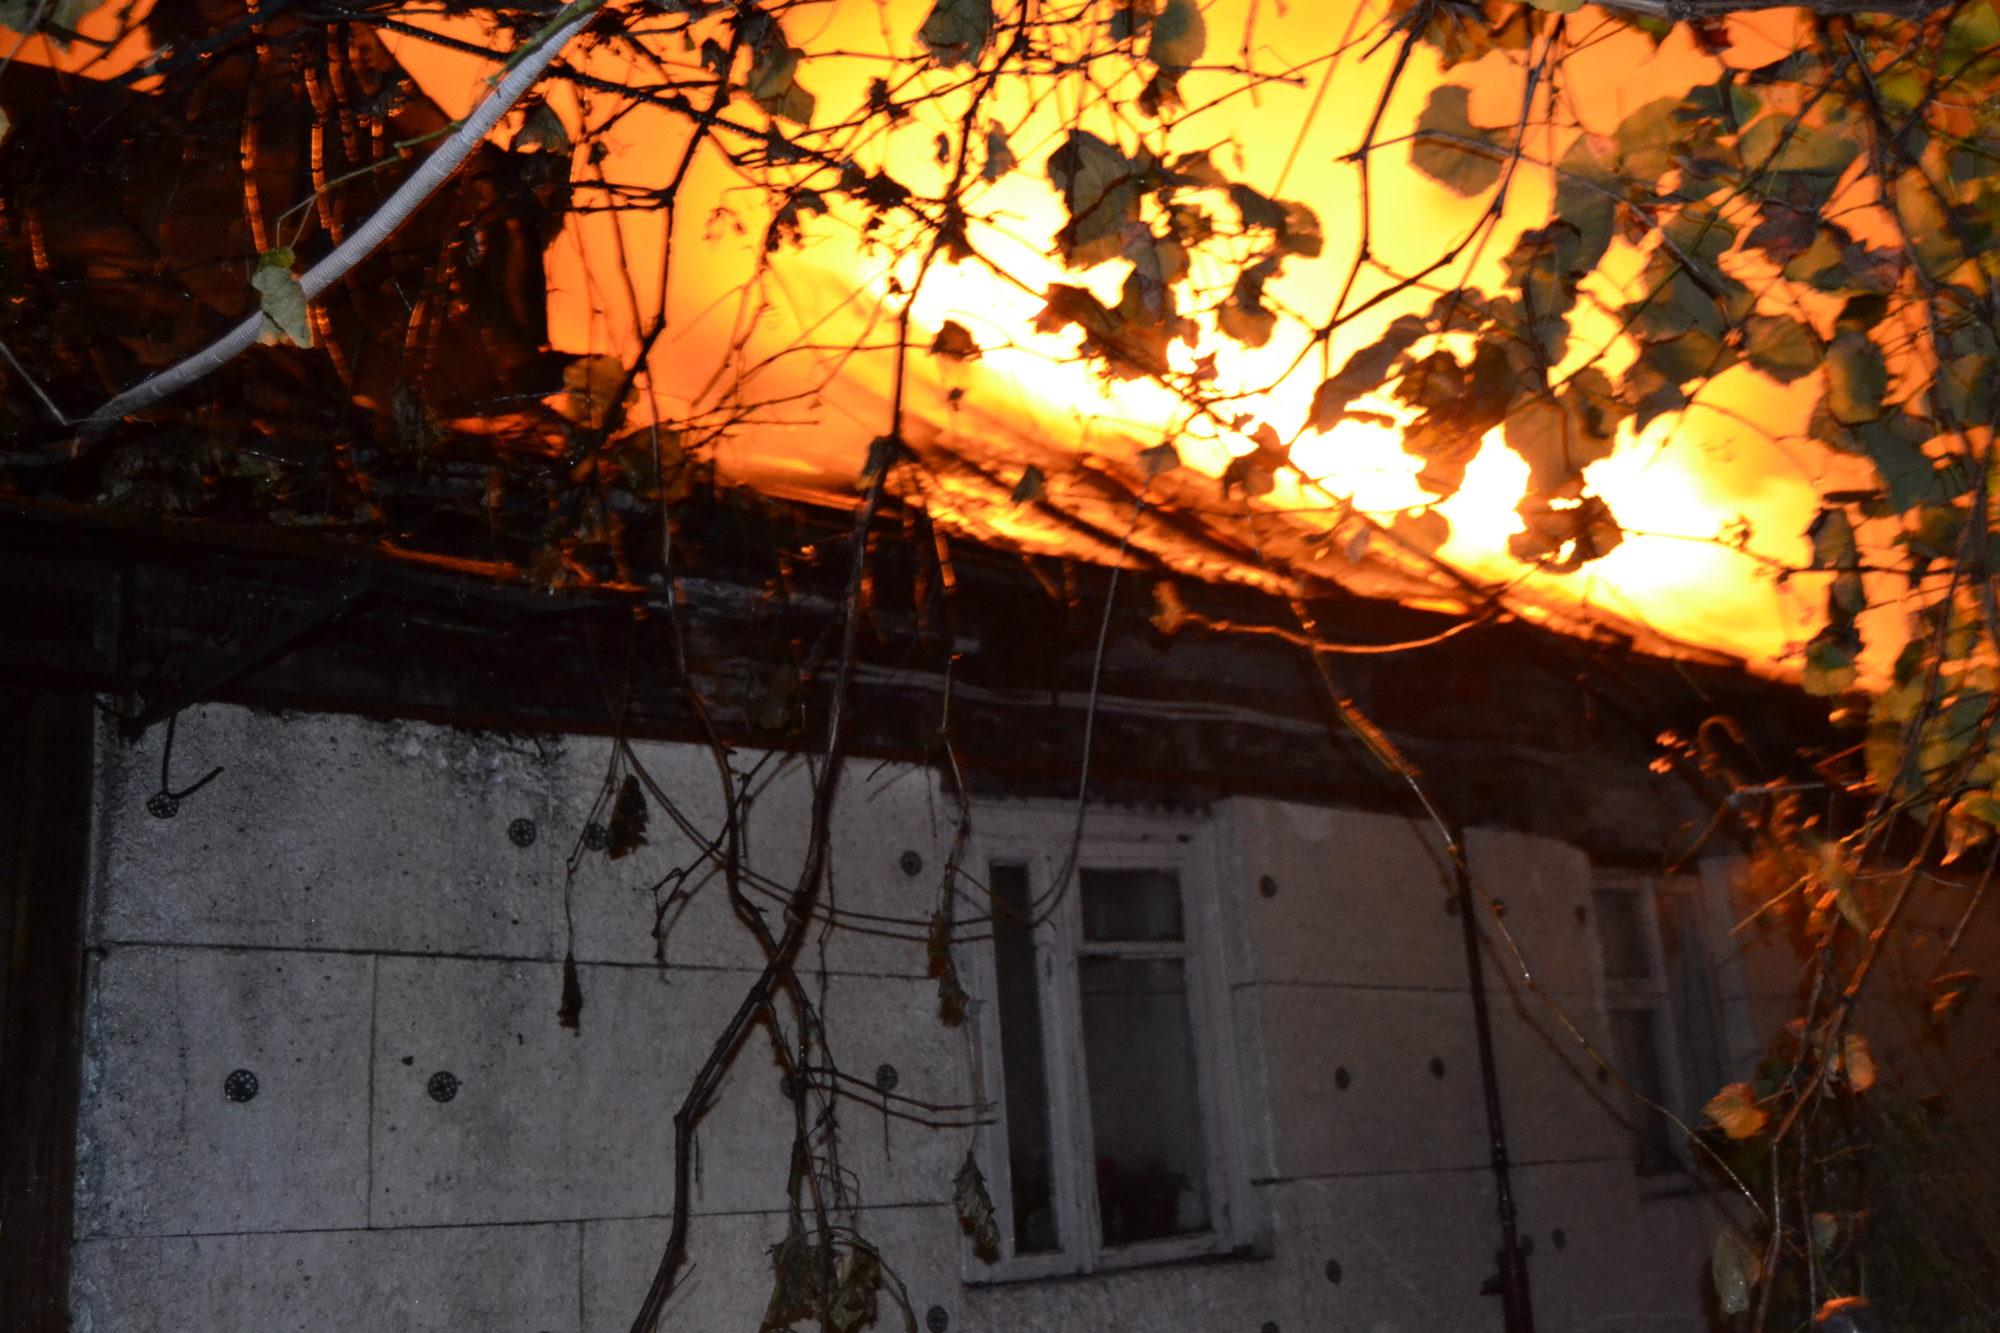 У Сквирському районі пожежа забрала життя чоловіка -  - pozhezha 5 2000x1333